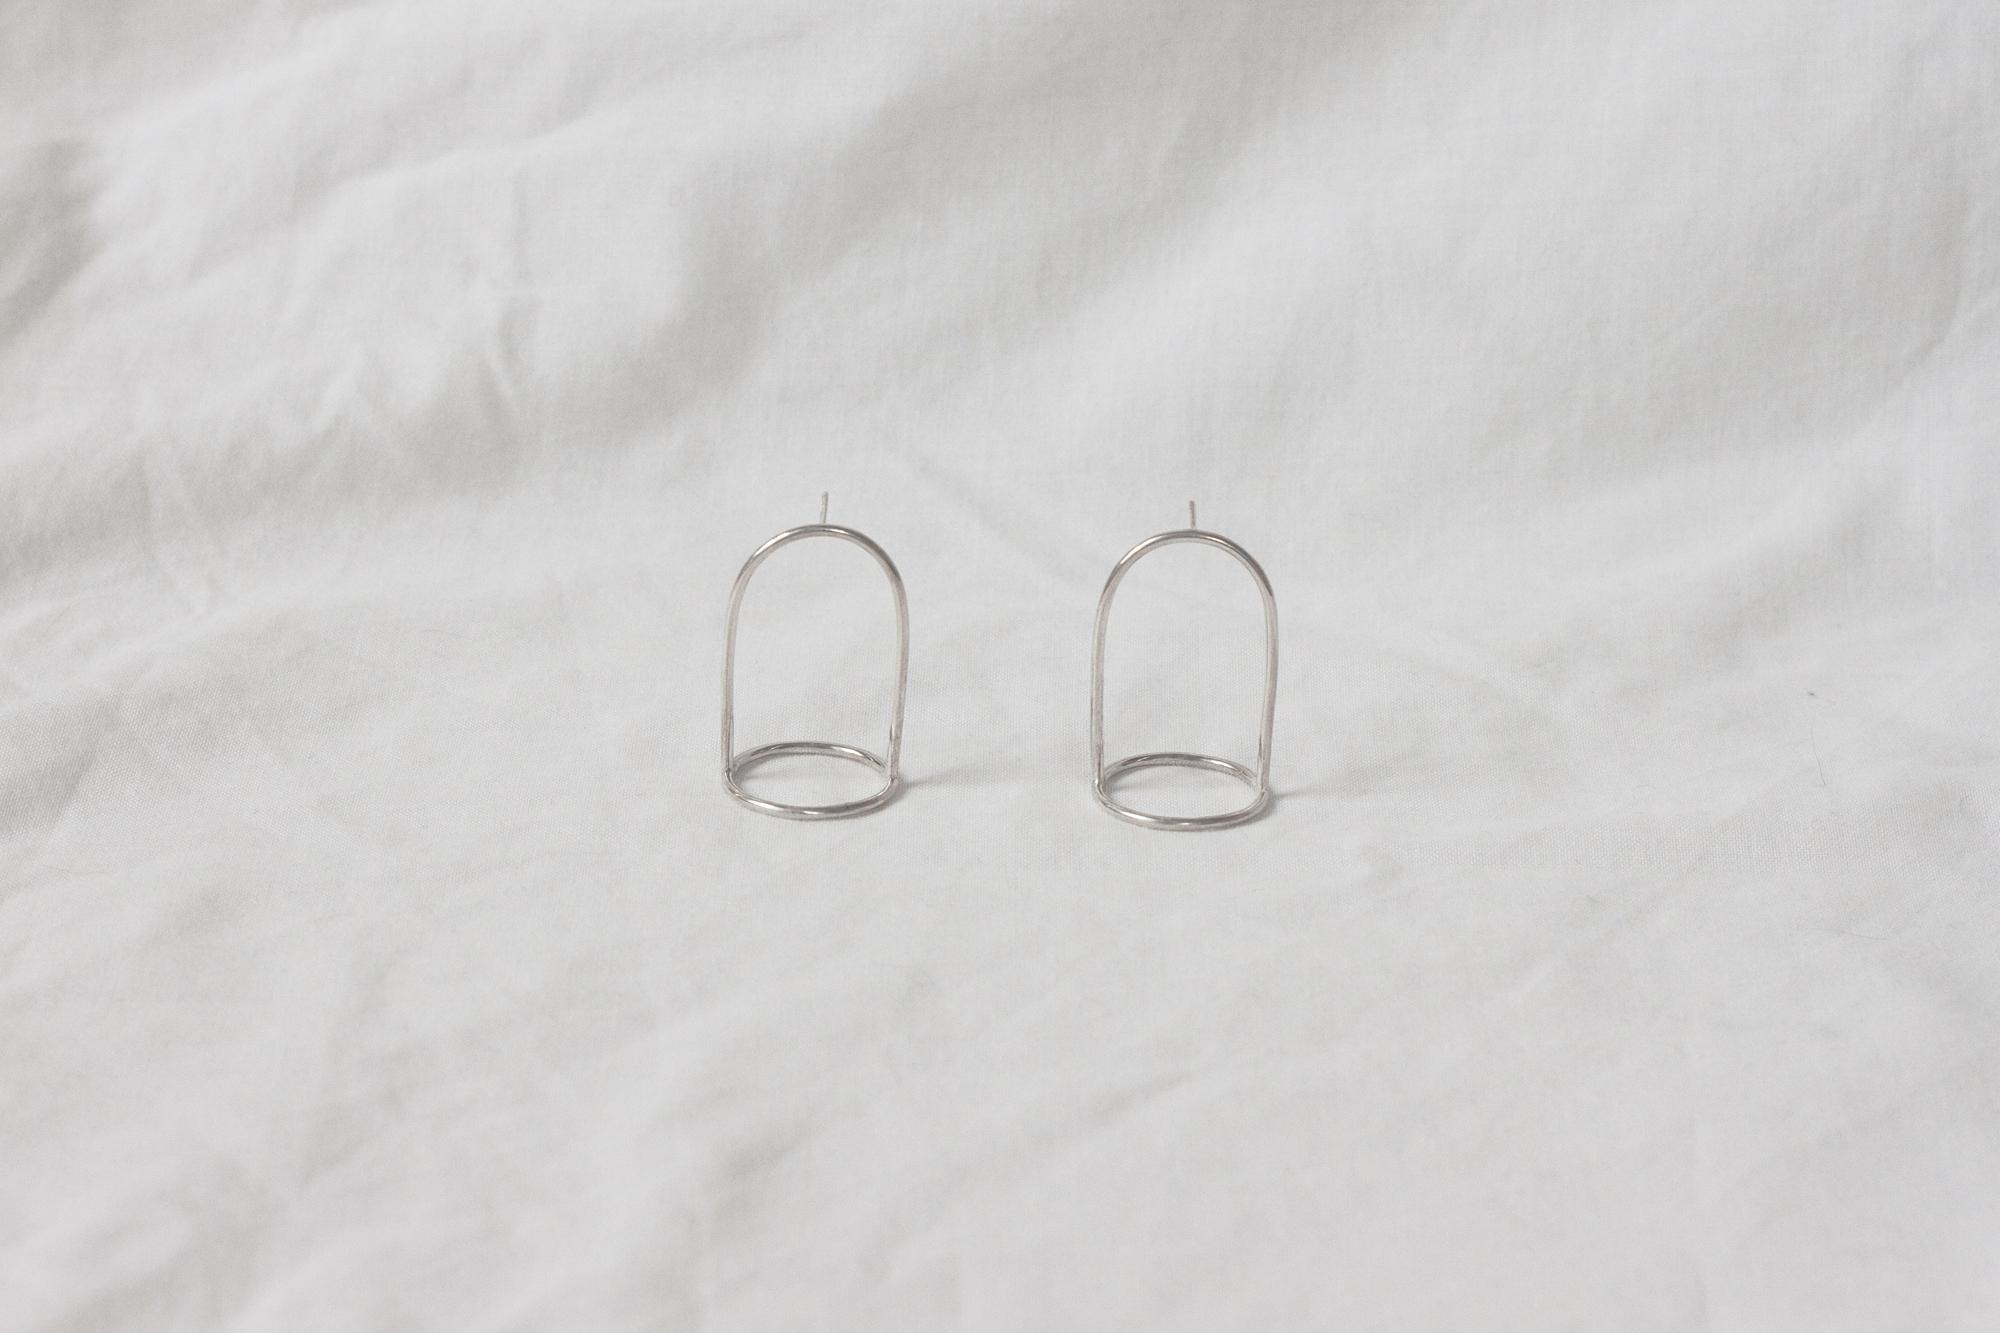 Bell Jar earrings